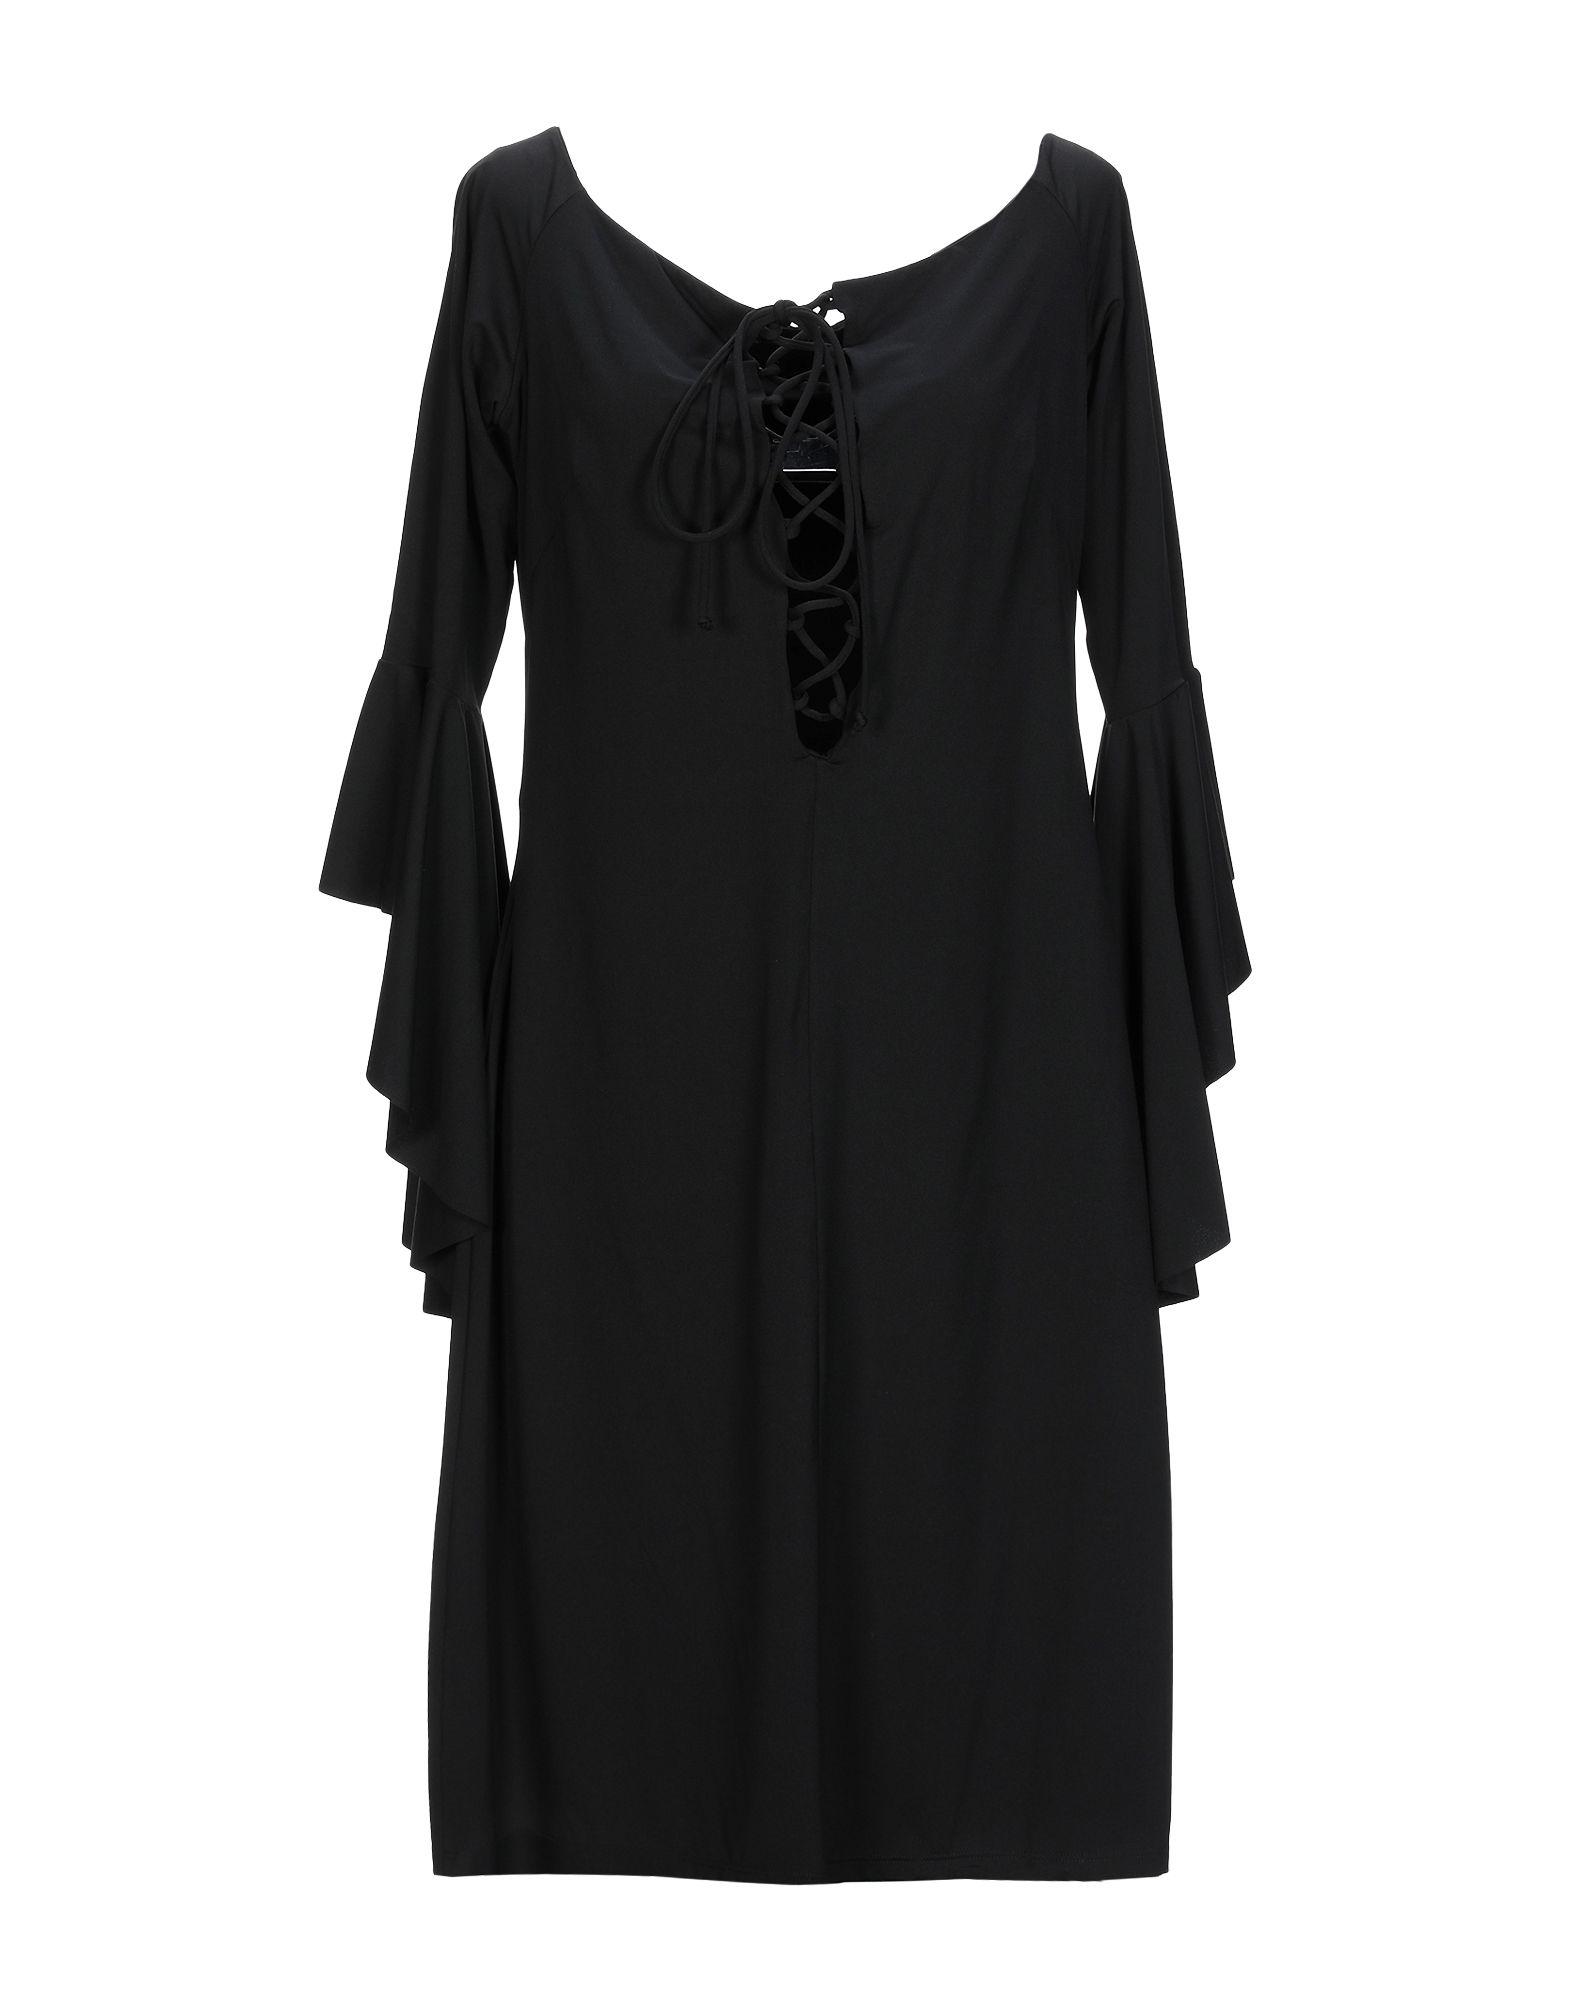 Robe Courtes Sur Robes 34920488gq Fisico Courte Yoox Femme q8wCqrp